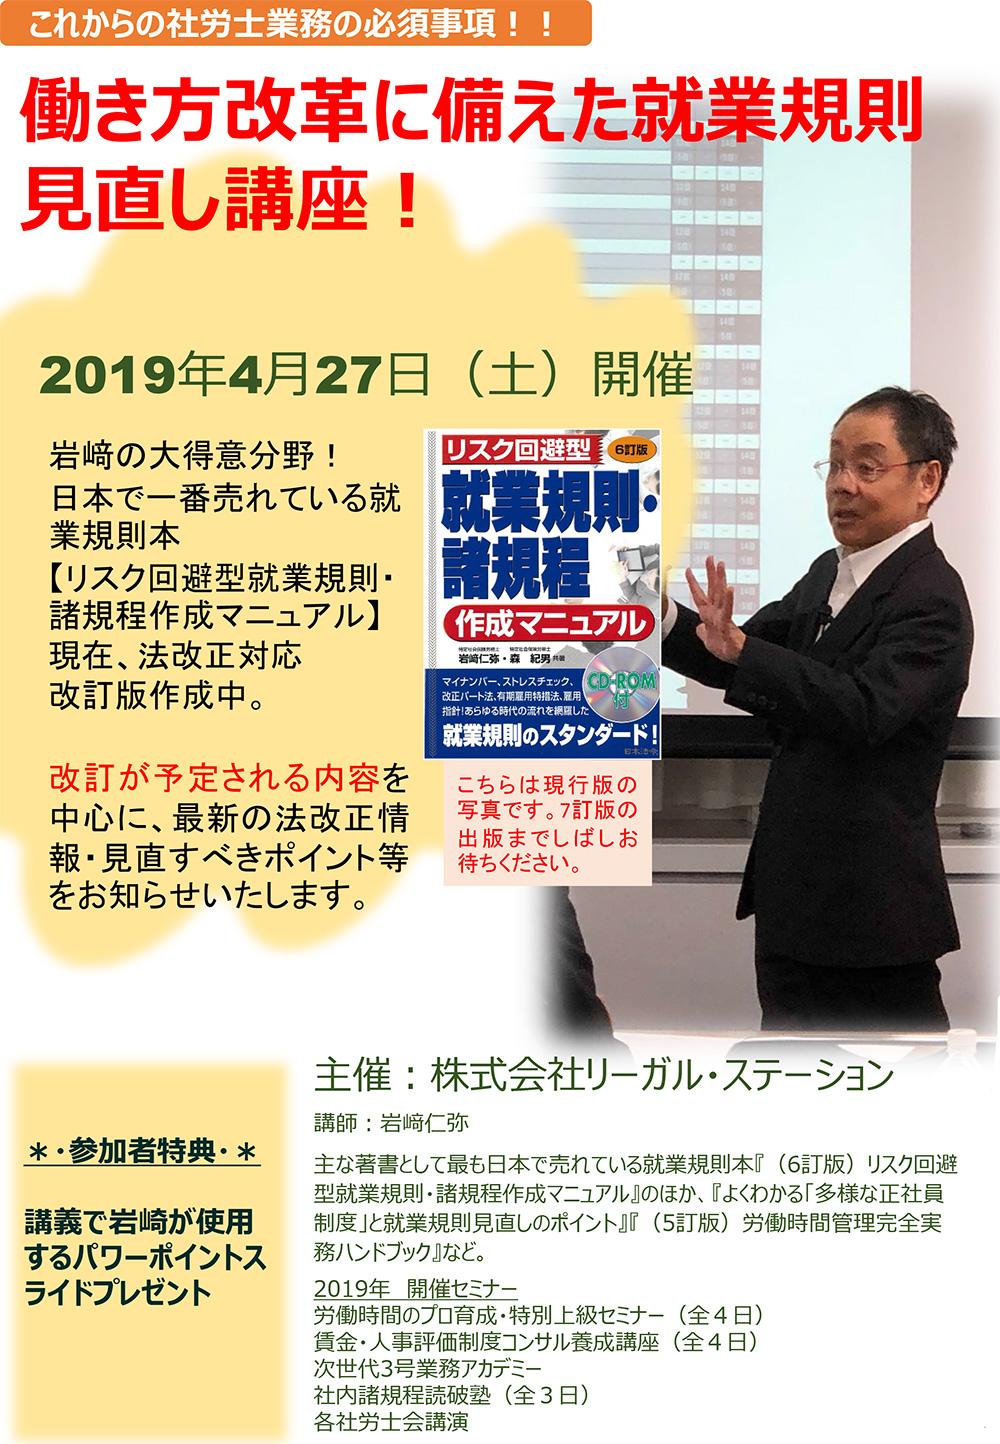 2019年4月27日 働き方改革に備えた就業規則 見直し講座!【東京】【募集終了】